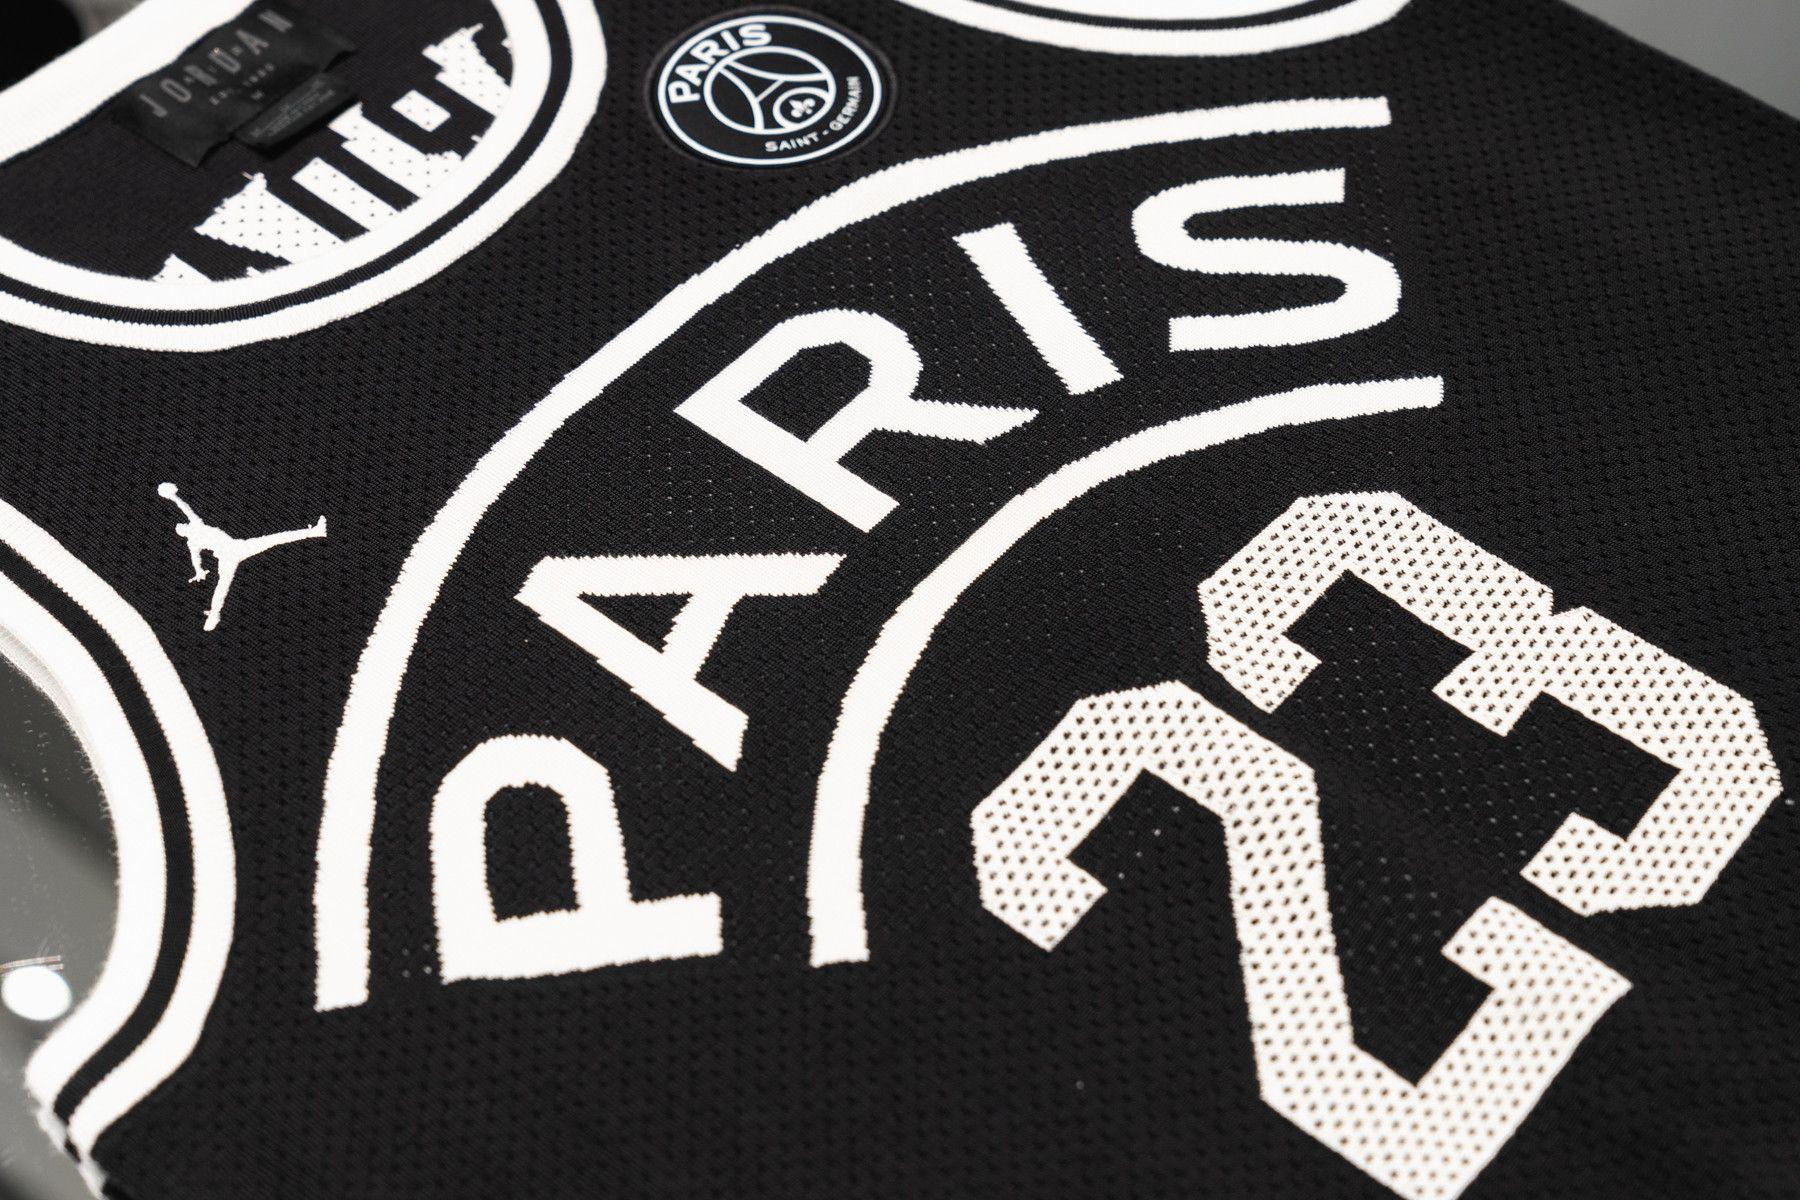 0ec733aede960c jordan brand paris saint germain collection exclusive look 2018 2019  football boots sneakers apparel air jordan 5 air jordan 1